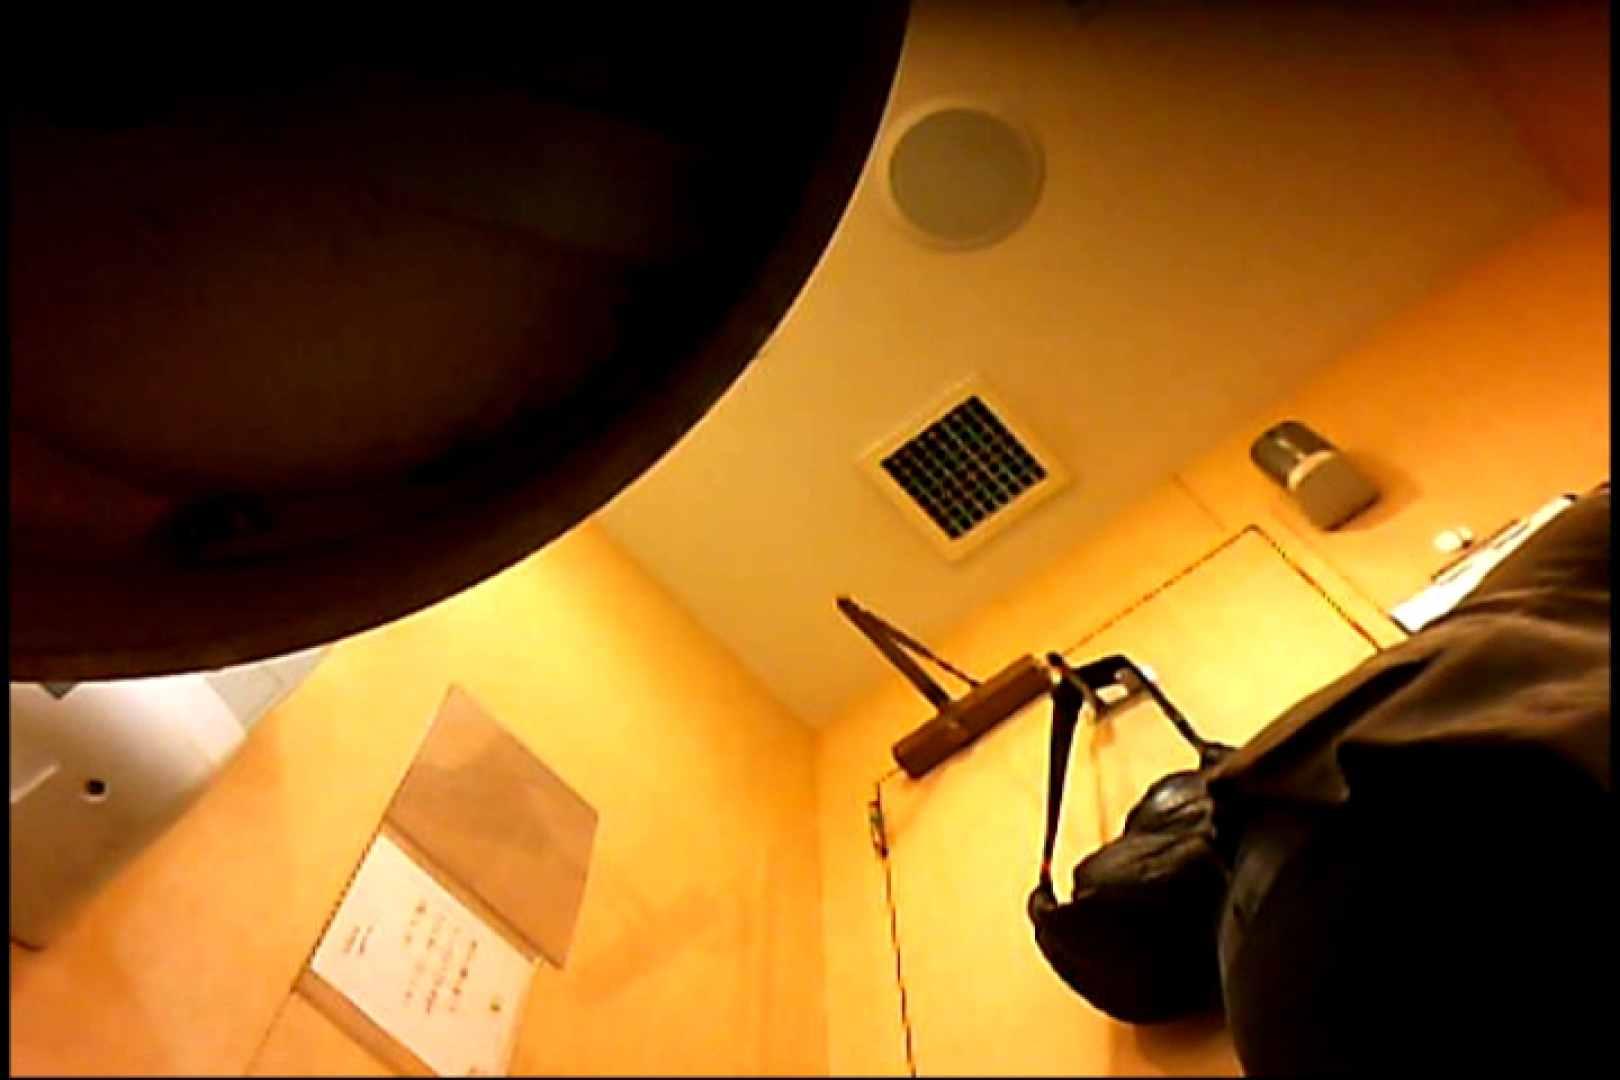 画質向上!新亀さん厠 vol.37 オマンコ見放題 オマンコ動画キャプチャ 11枚 2